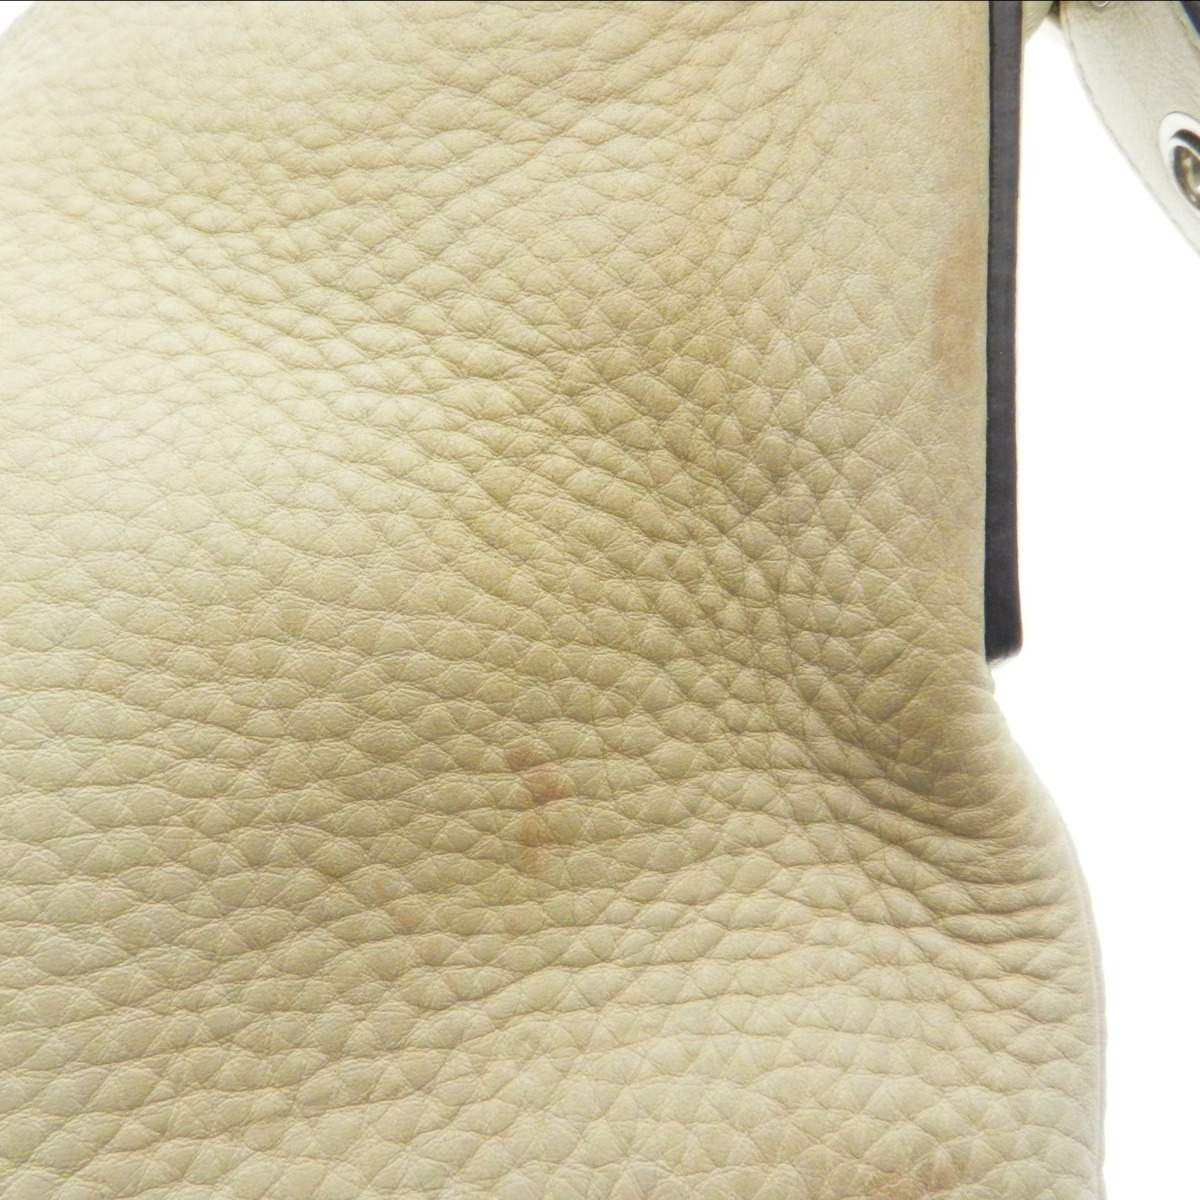 1427 教练旧版软苗条挎包皮革女性